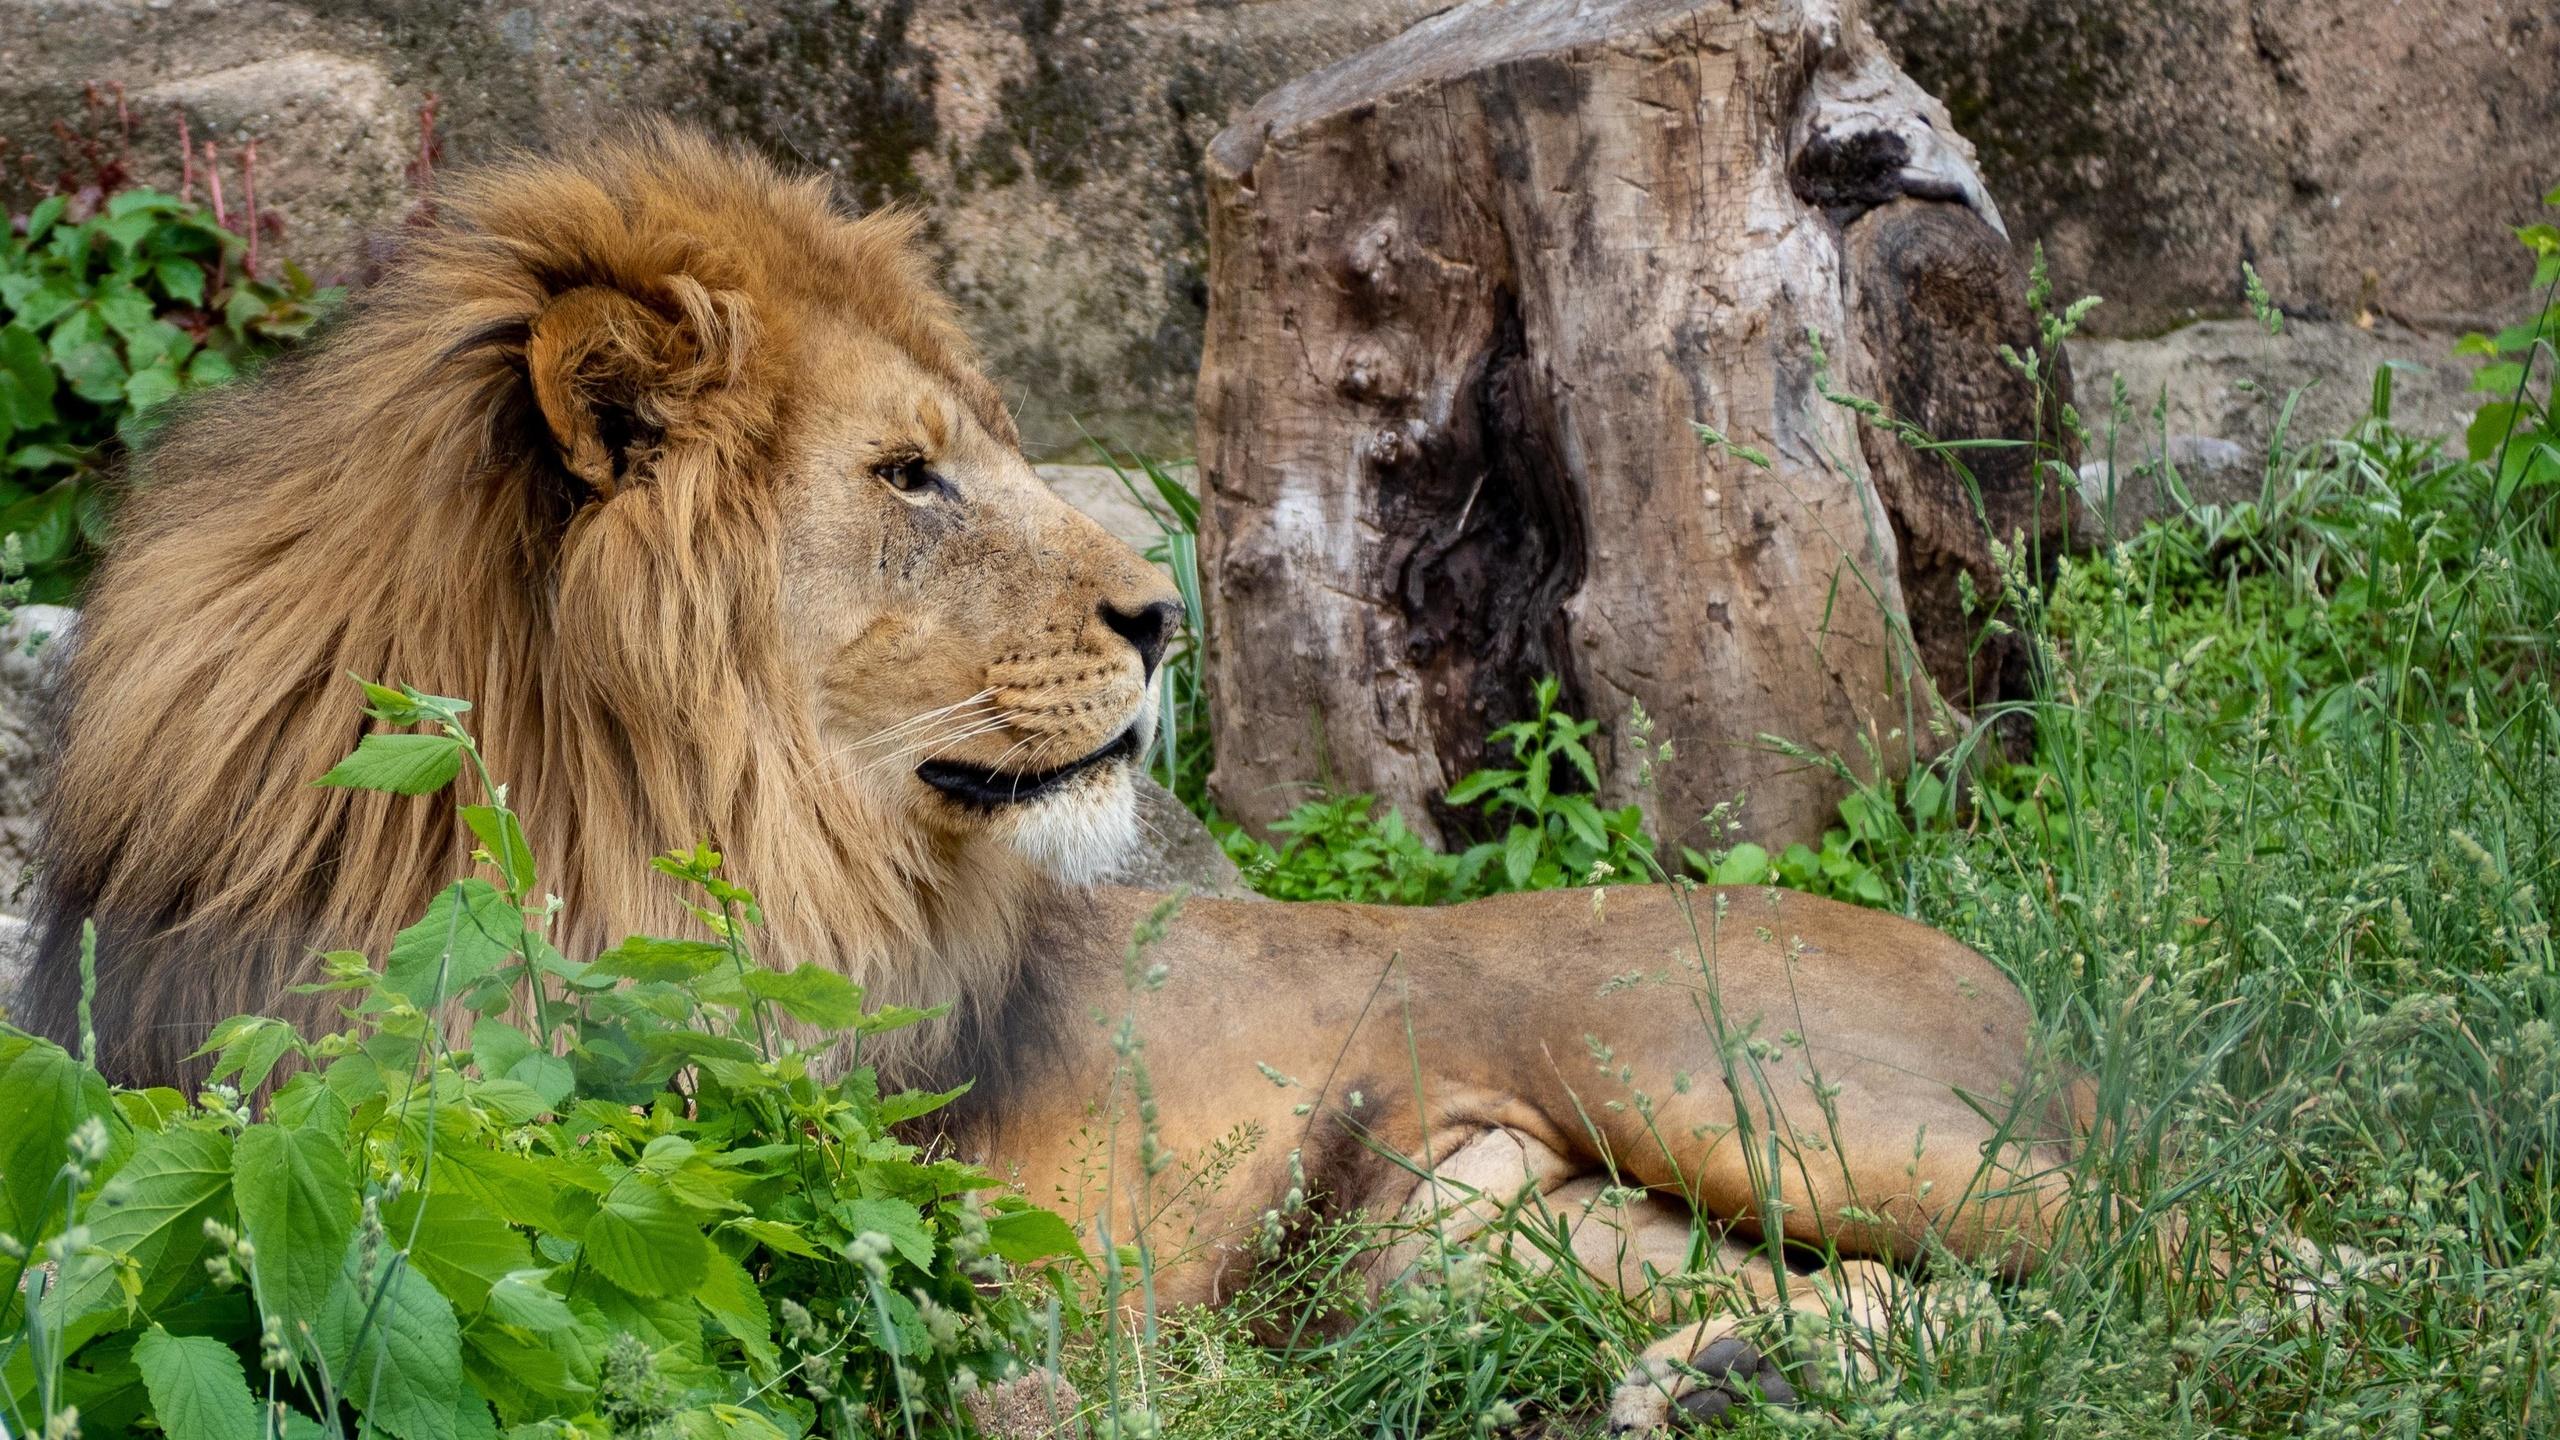 лев, царь зверей, большая кошка, животное